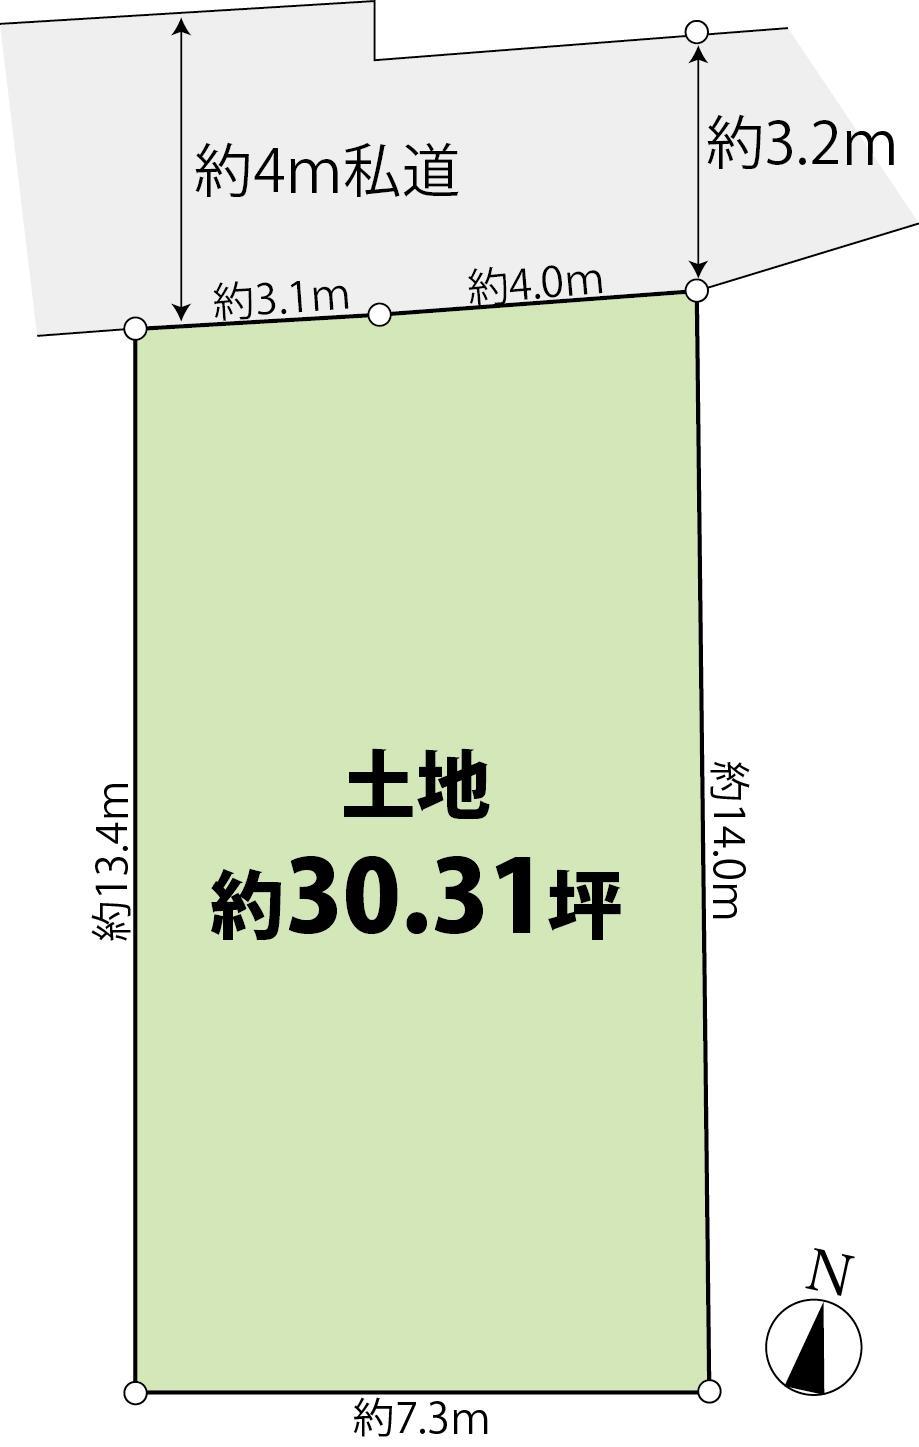 2億4800万円、4LDK+S(納戸)、土地面積105.25m<sup>2</sup>、建物面積138.62m<sup>2</sup> 地形図です。北側4m私道に接道しています。